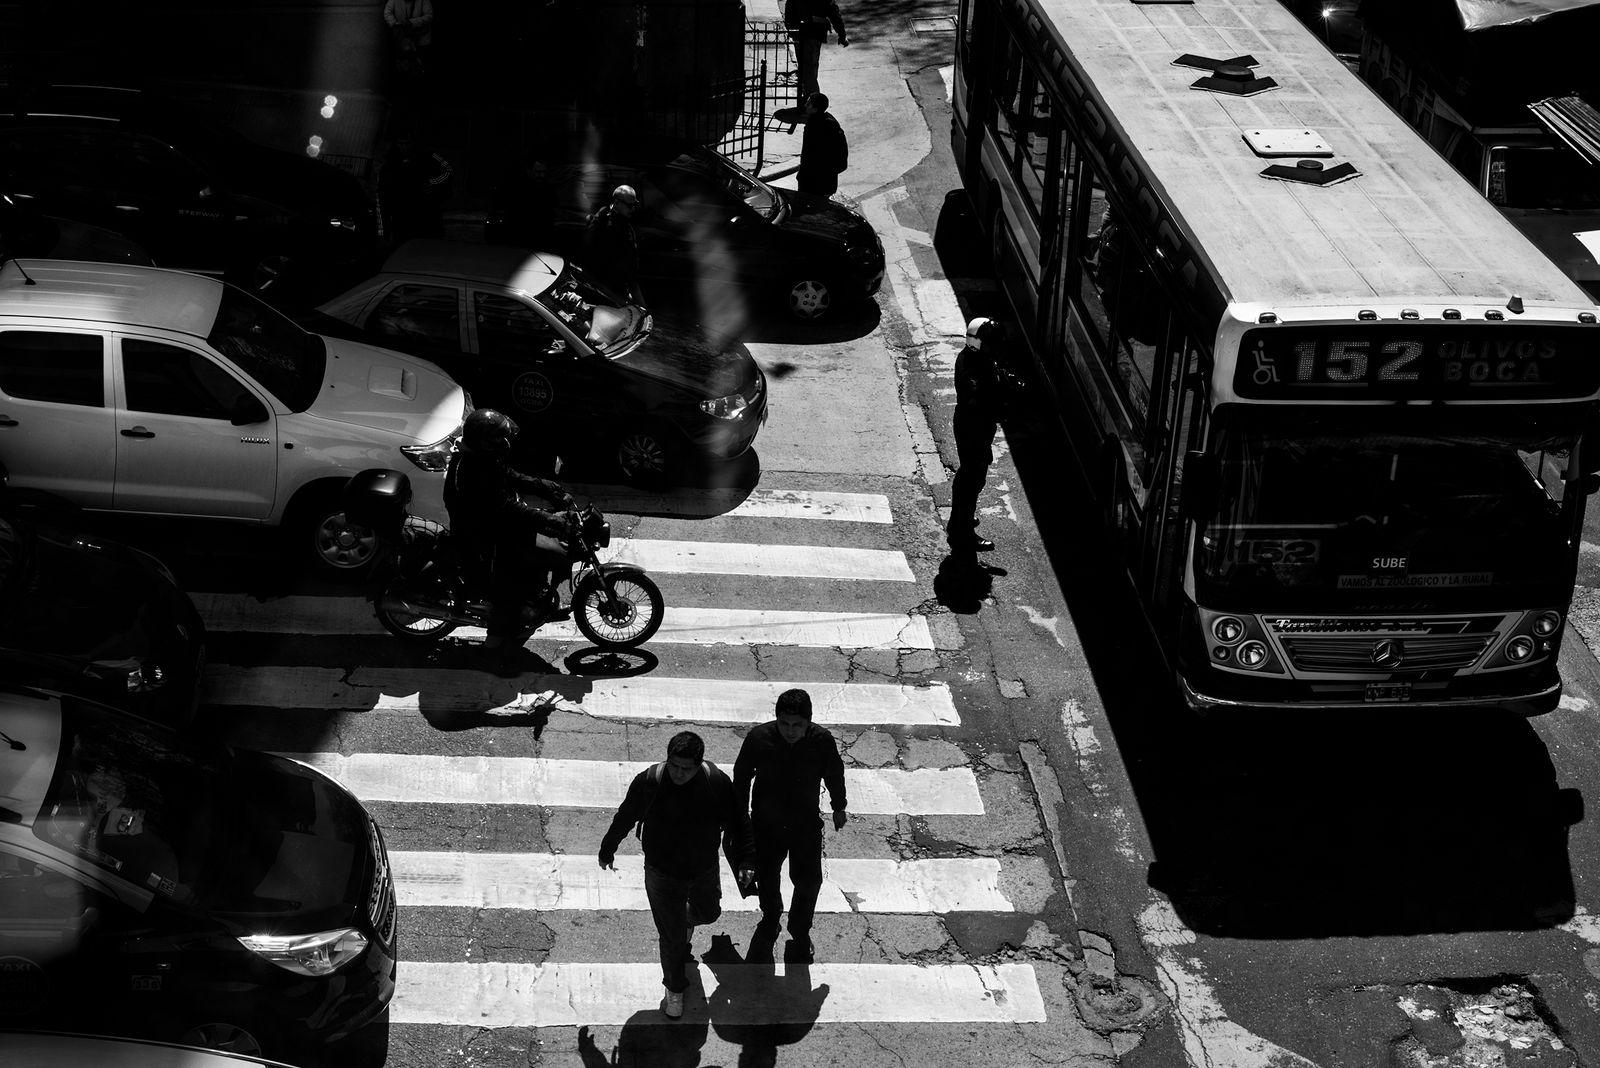 Екатерина Буракова-Шчекич. Аргентина. Улицы Буэнос-Айреса